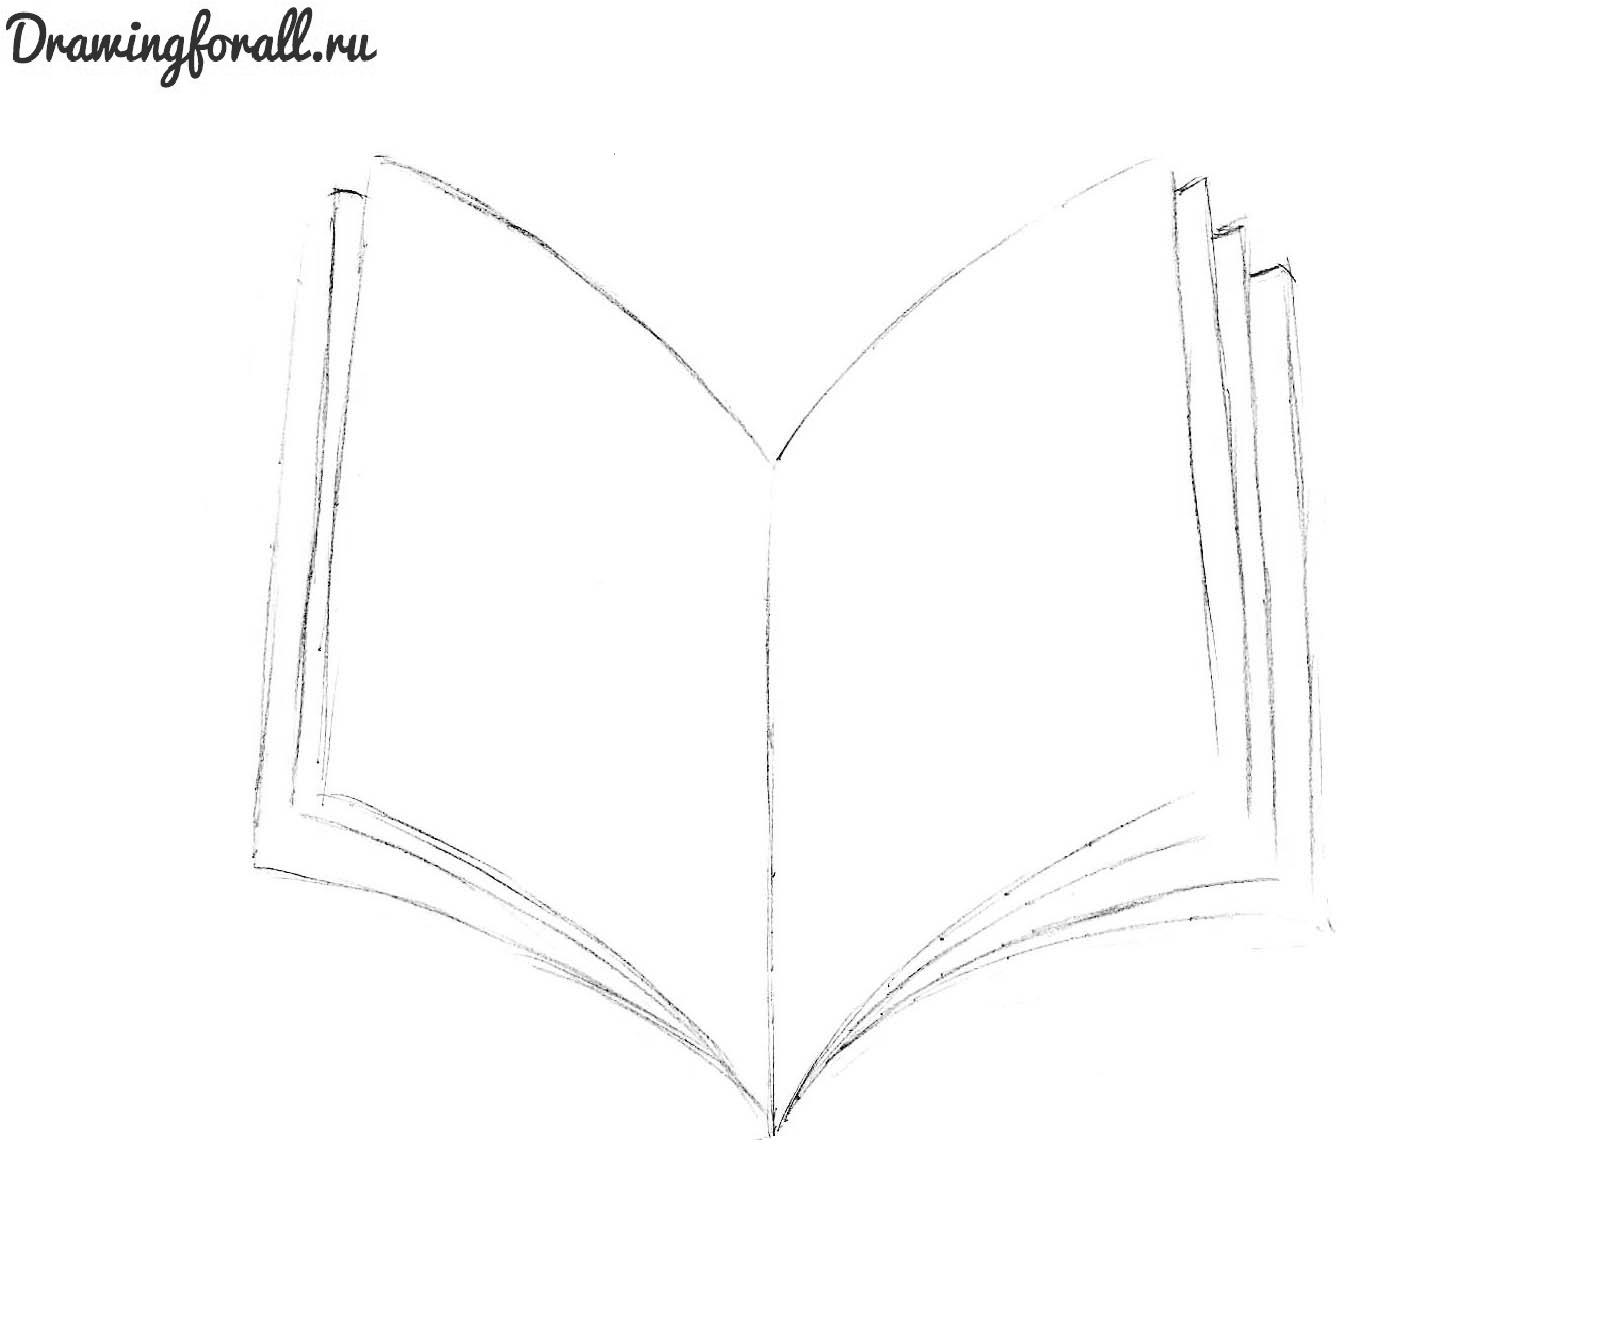 нарисовать книгу карандашом